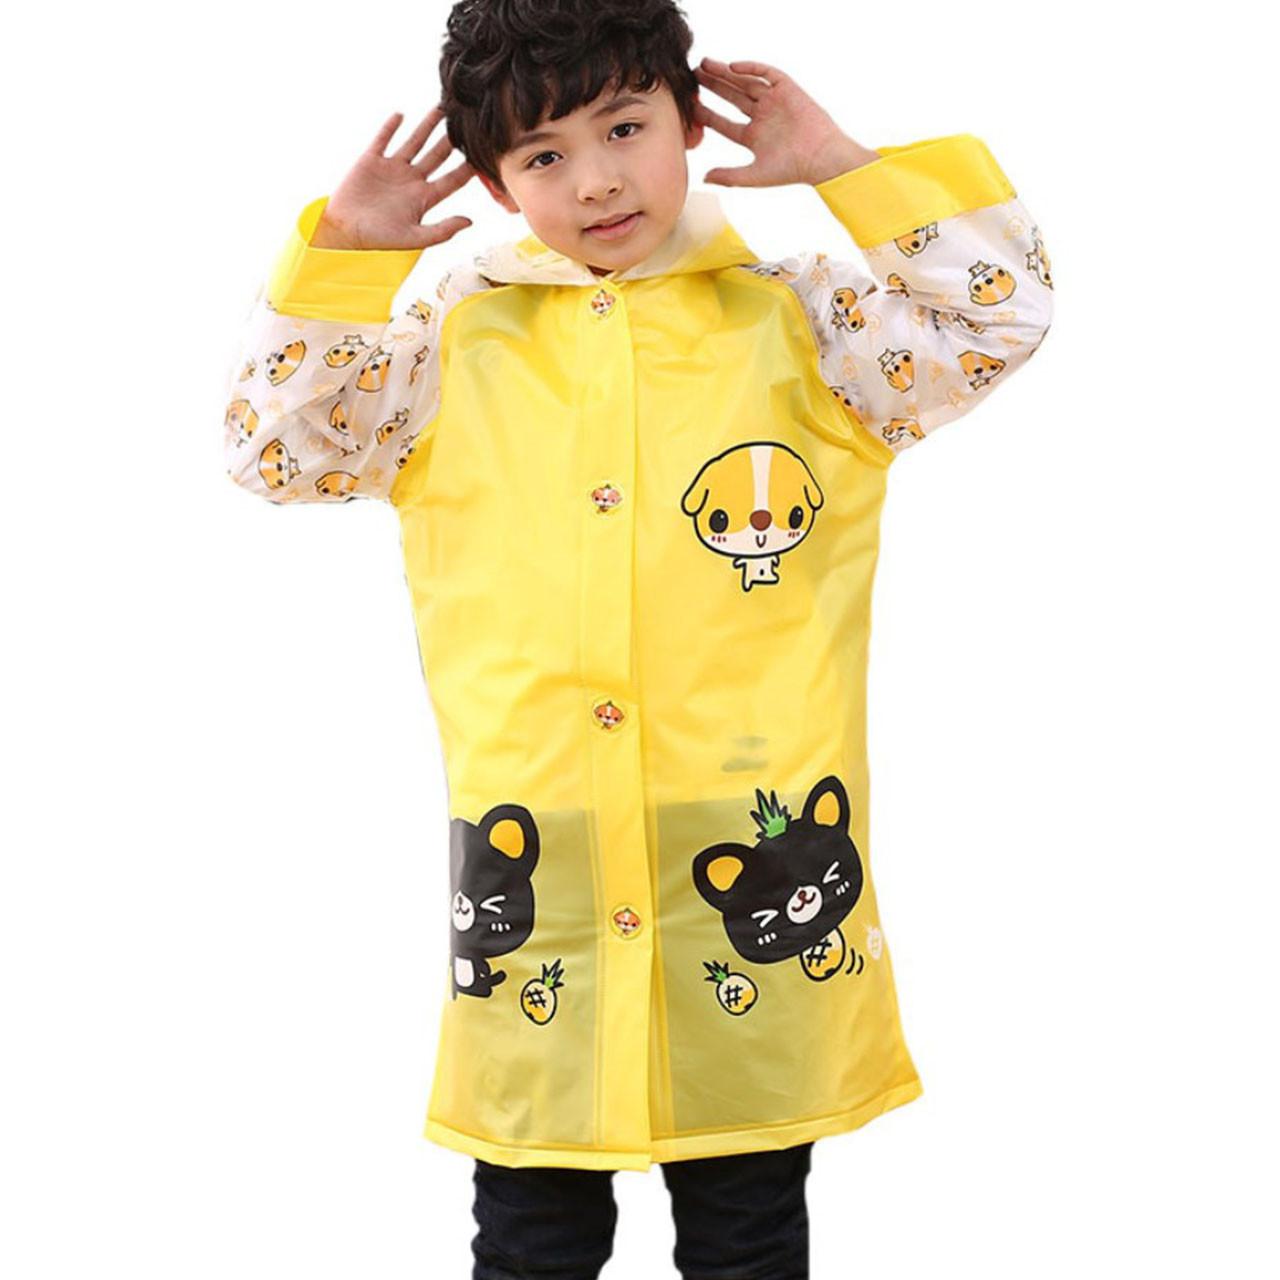 Плащ-дождевик Lesko детский водонепроницаемый с местом под рюкзак желтый размер M многоразовый